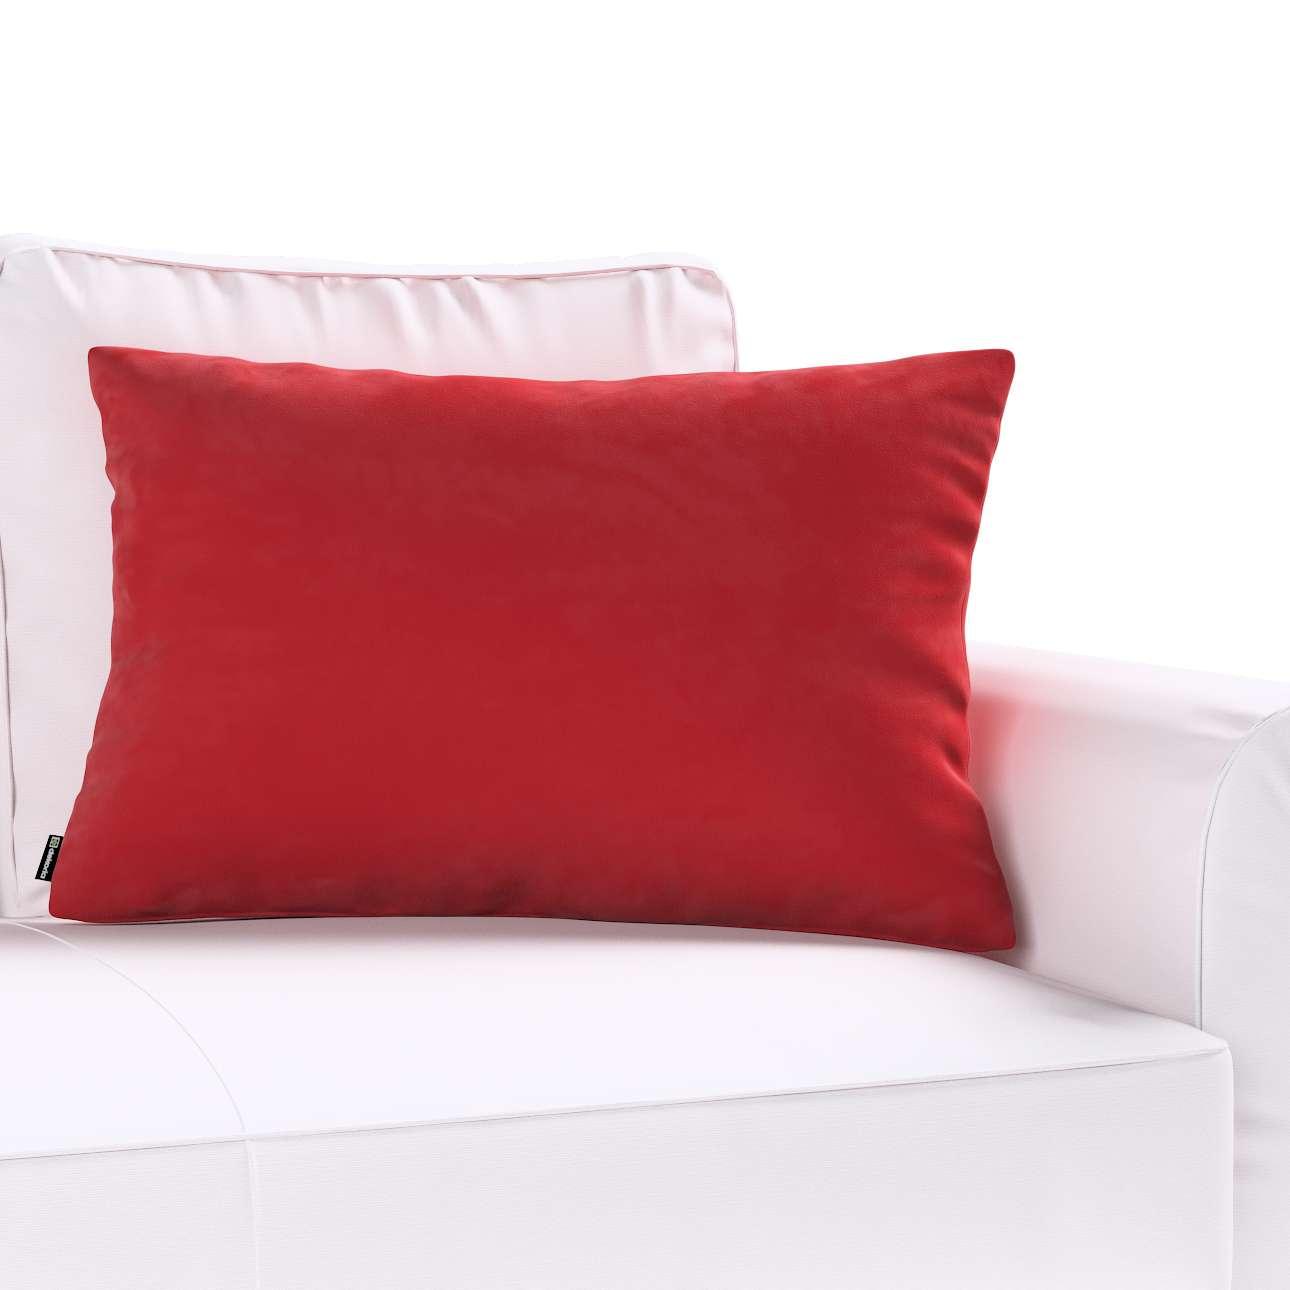 Kinga dekoratyvinės pagalvėlės užvalkalas 60x40cm kolekcijoje Velvet/Aksomas, audinys: 704-15